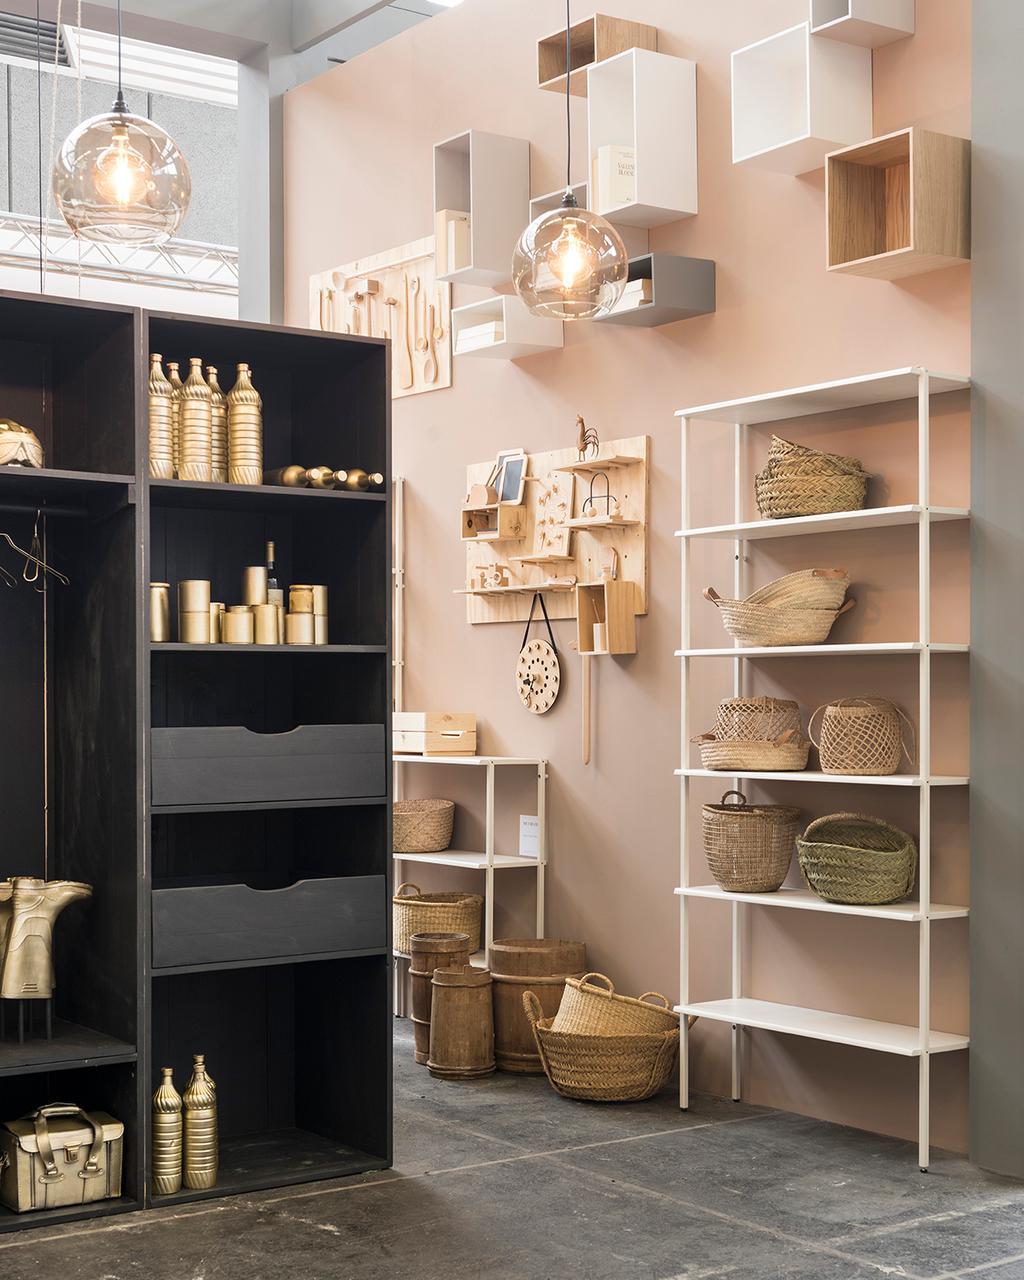 De opbergruimte in het vtwonen huis op de vt wonen&design beurs.